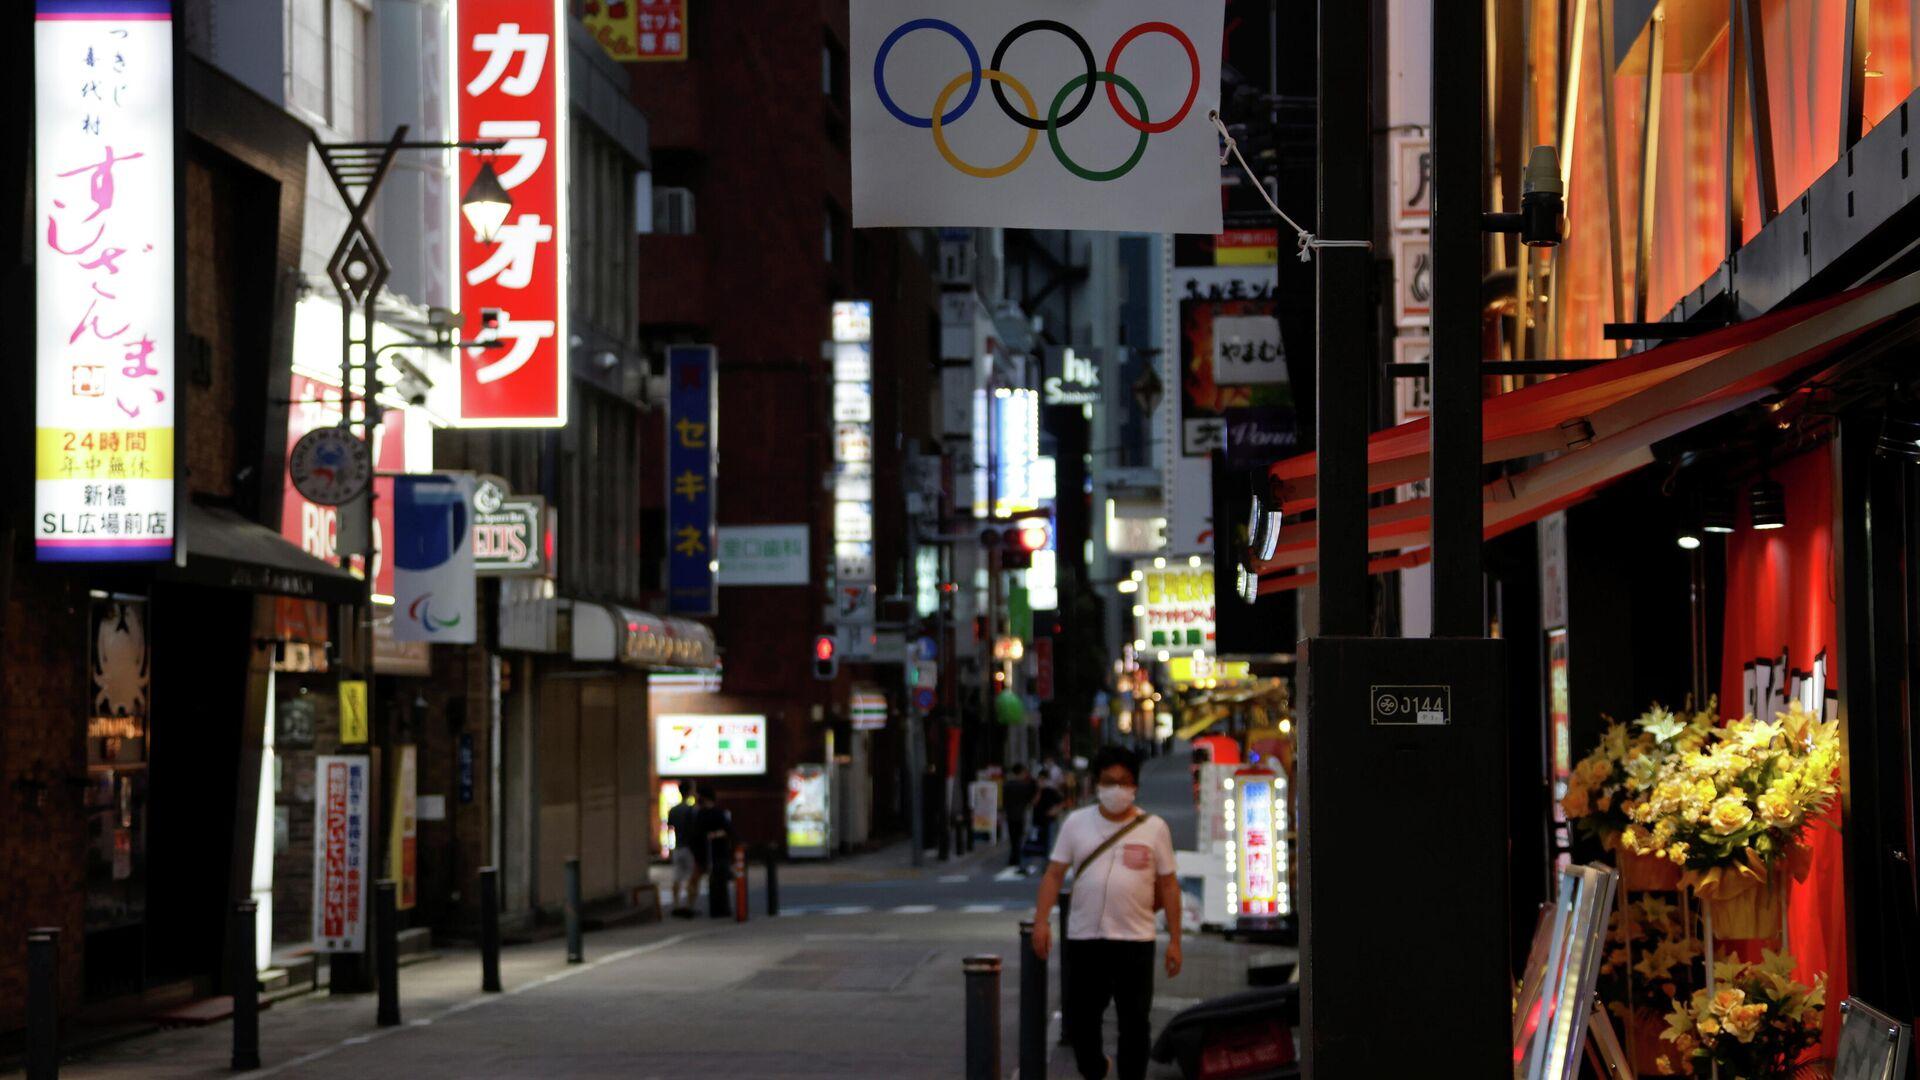 Anillos olímpicos en Tokio - Sputnik Mundo, 1920, 30.06.2021